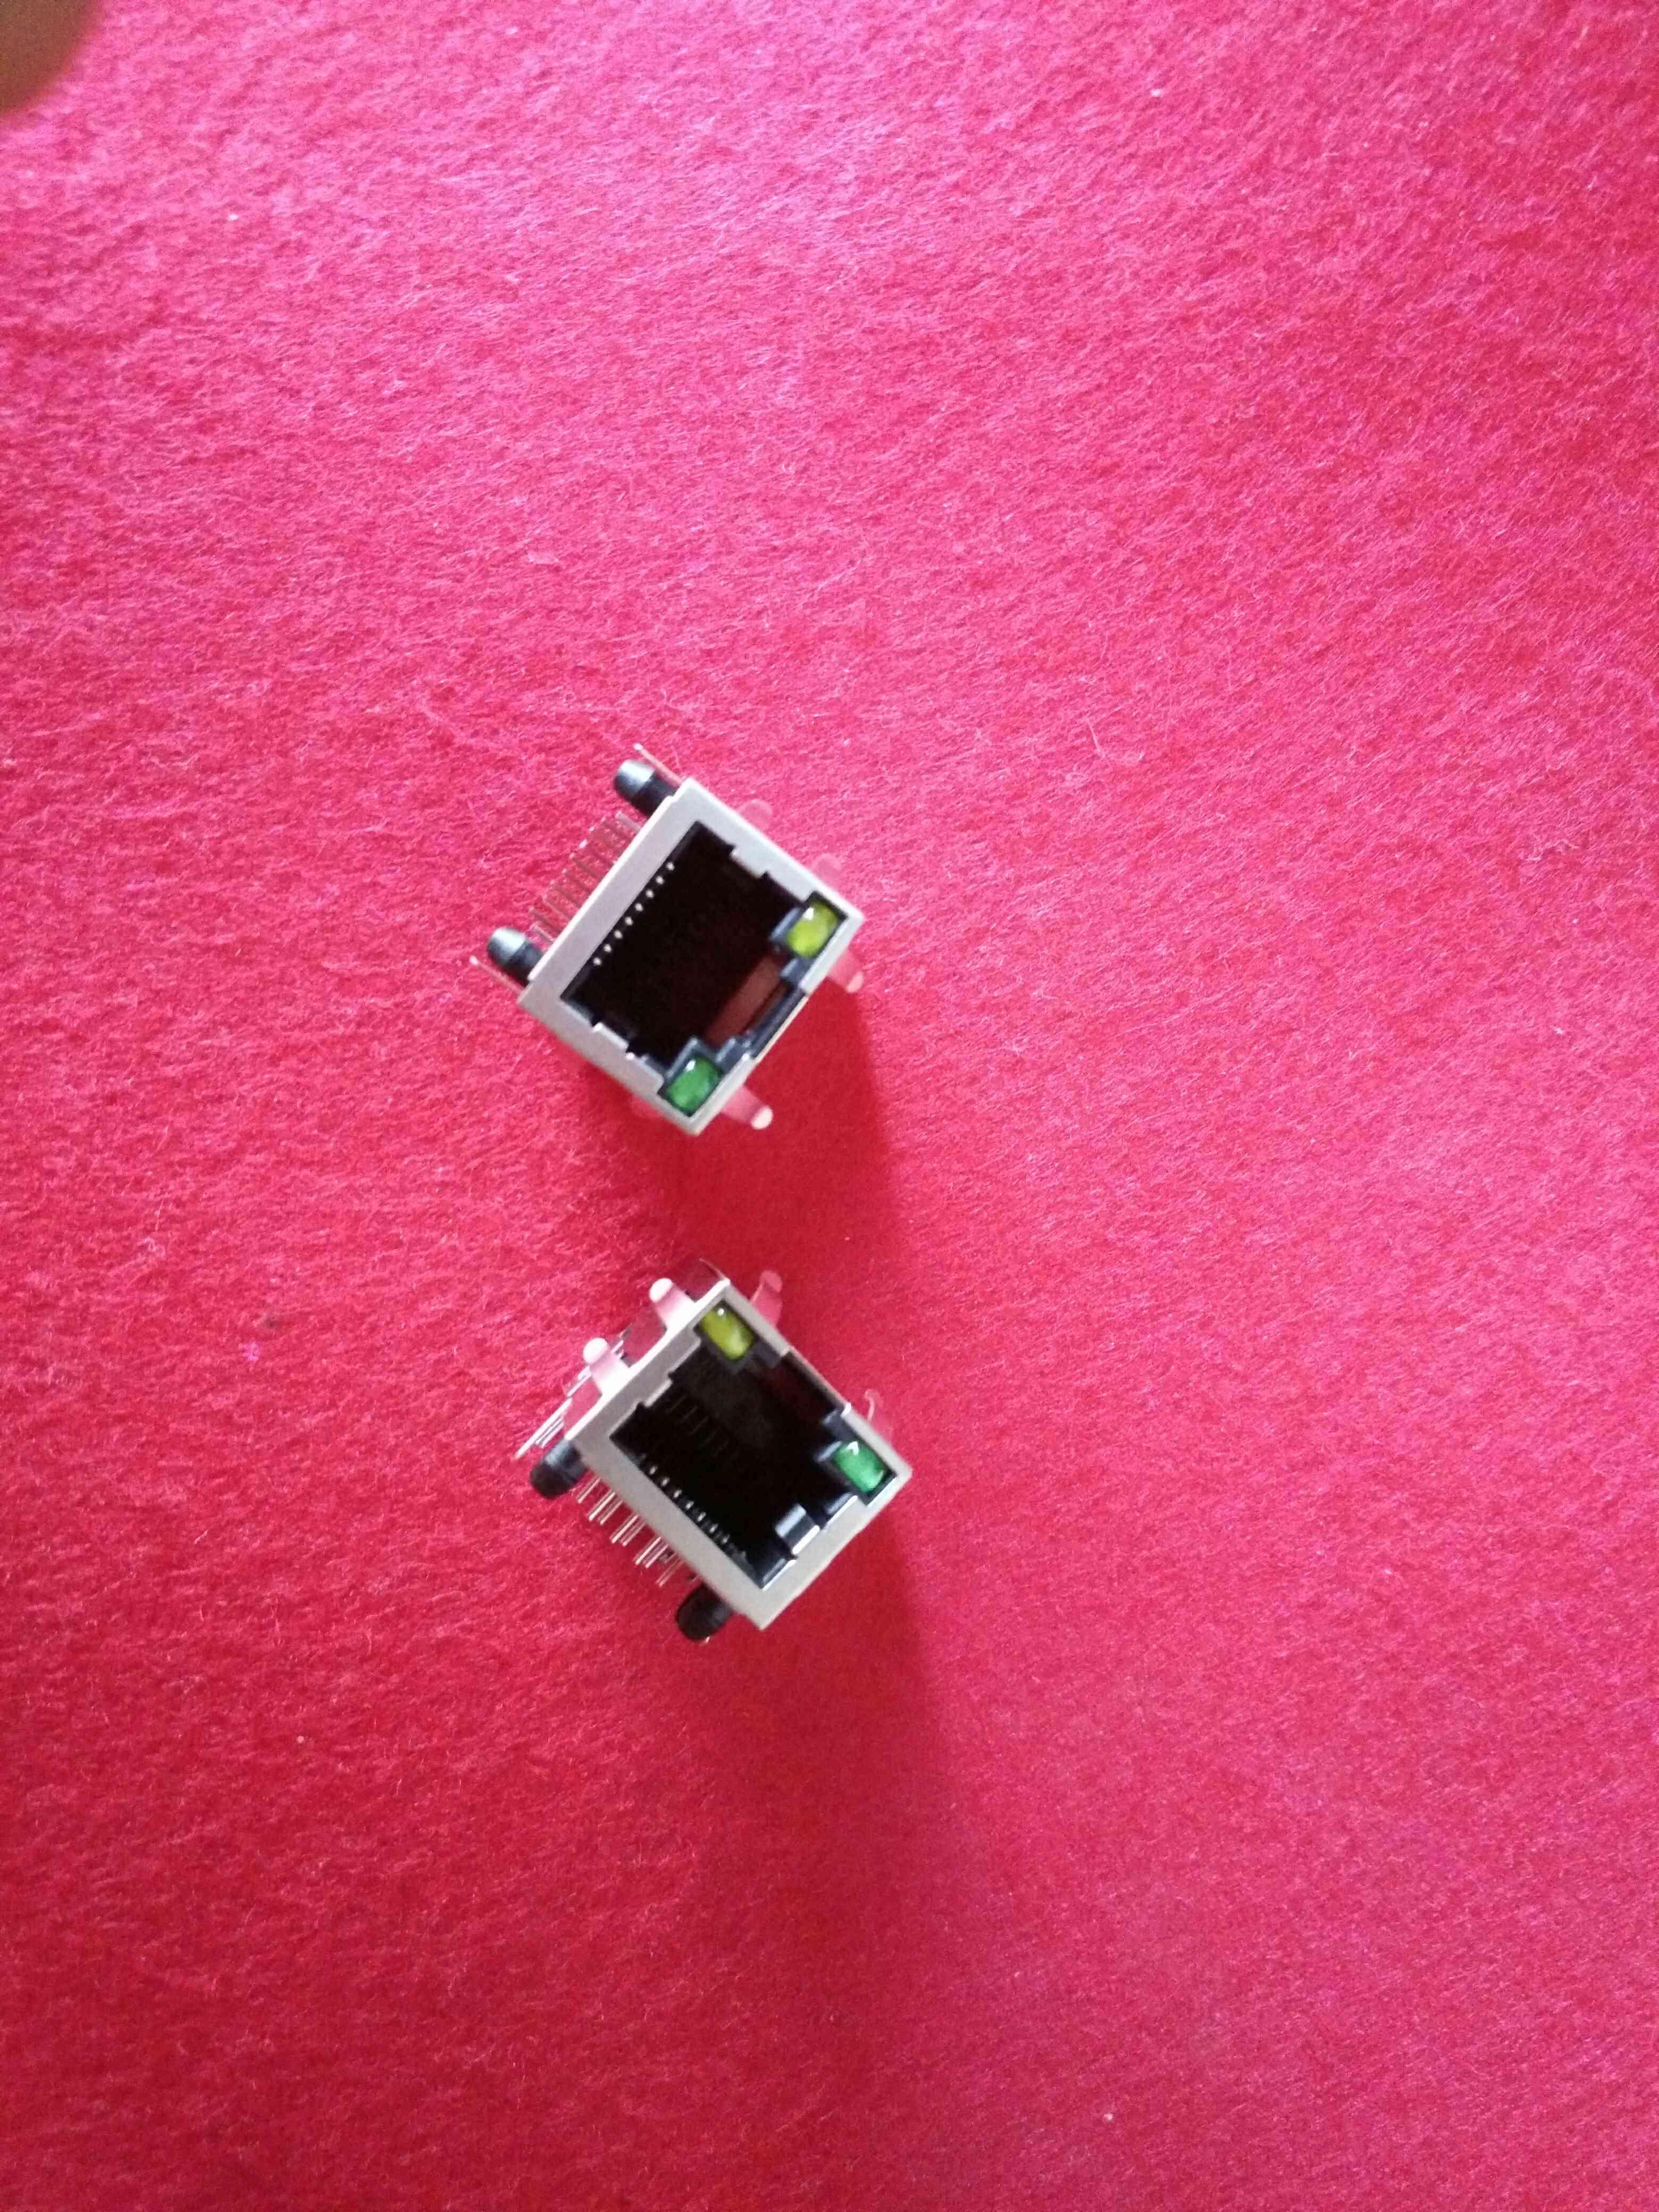 La Rete rj45 presa l'interfaccia della Rete con la testa a posto 8P8C di Cristallo con scudo con la lampada.